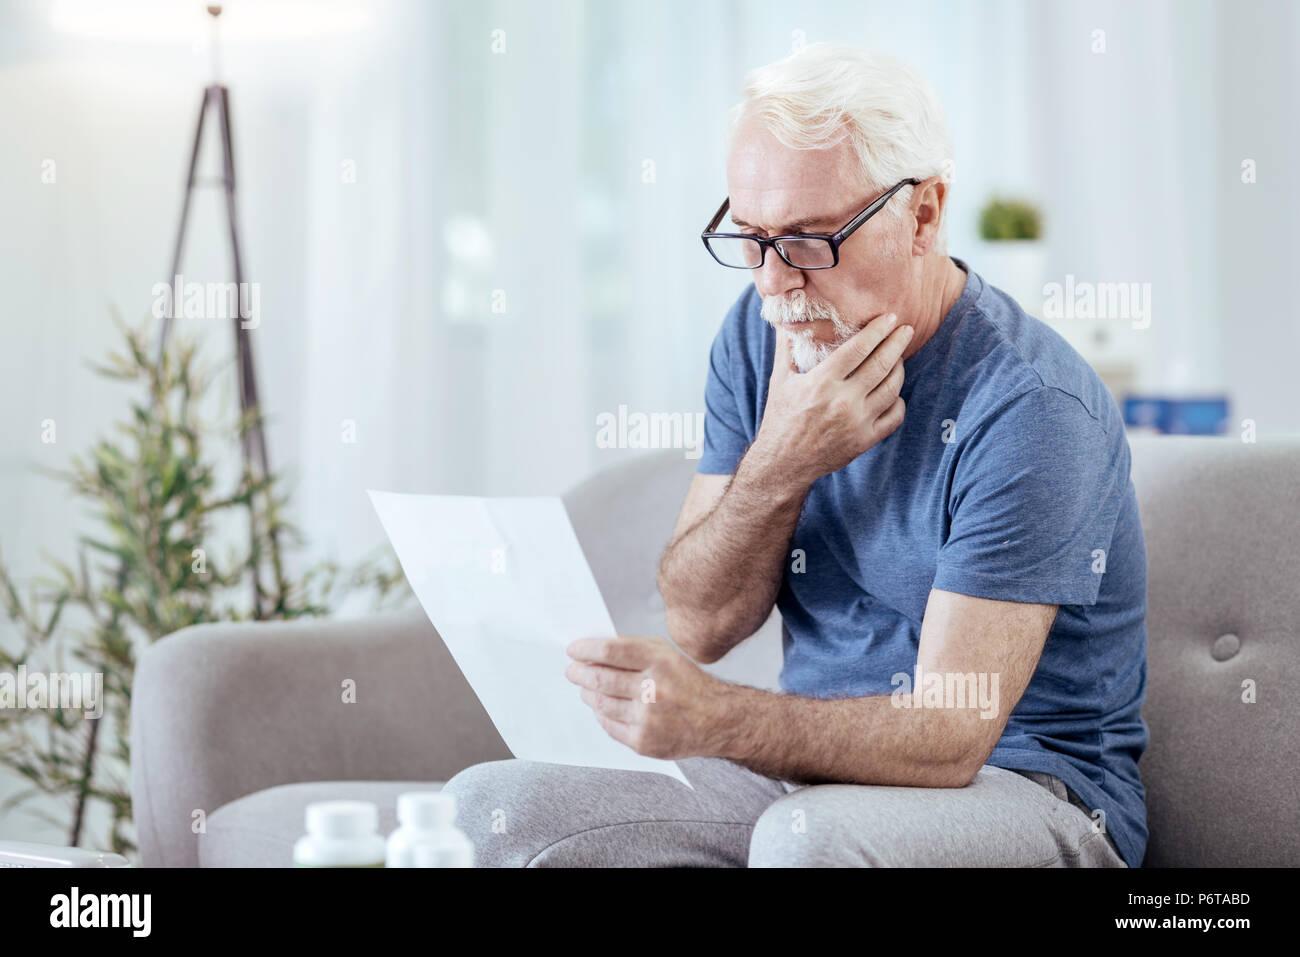 Pensativo hombre senior estudiando instrucción Imagen De Stock